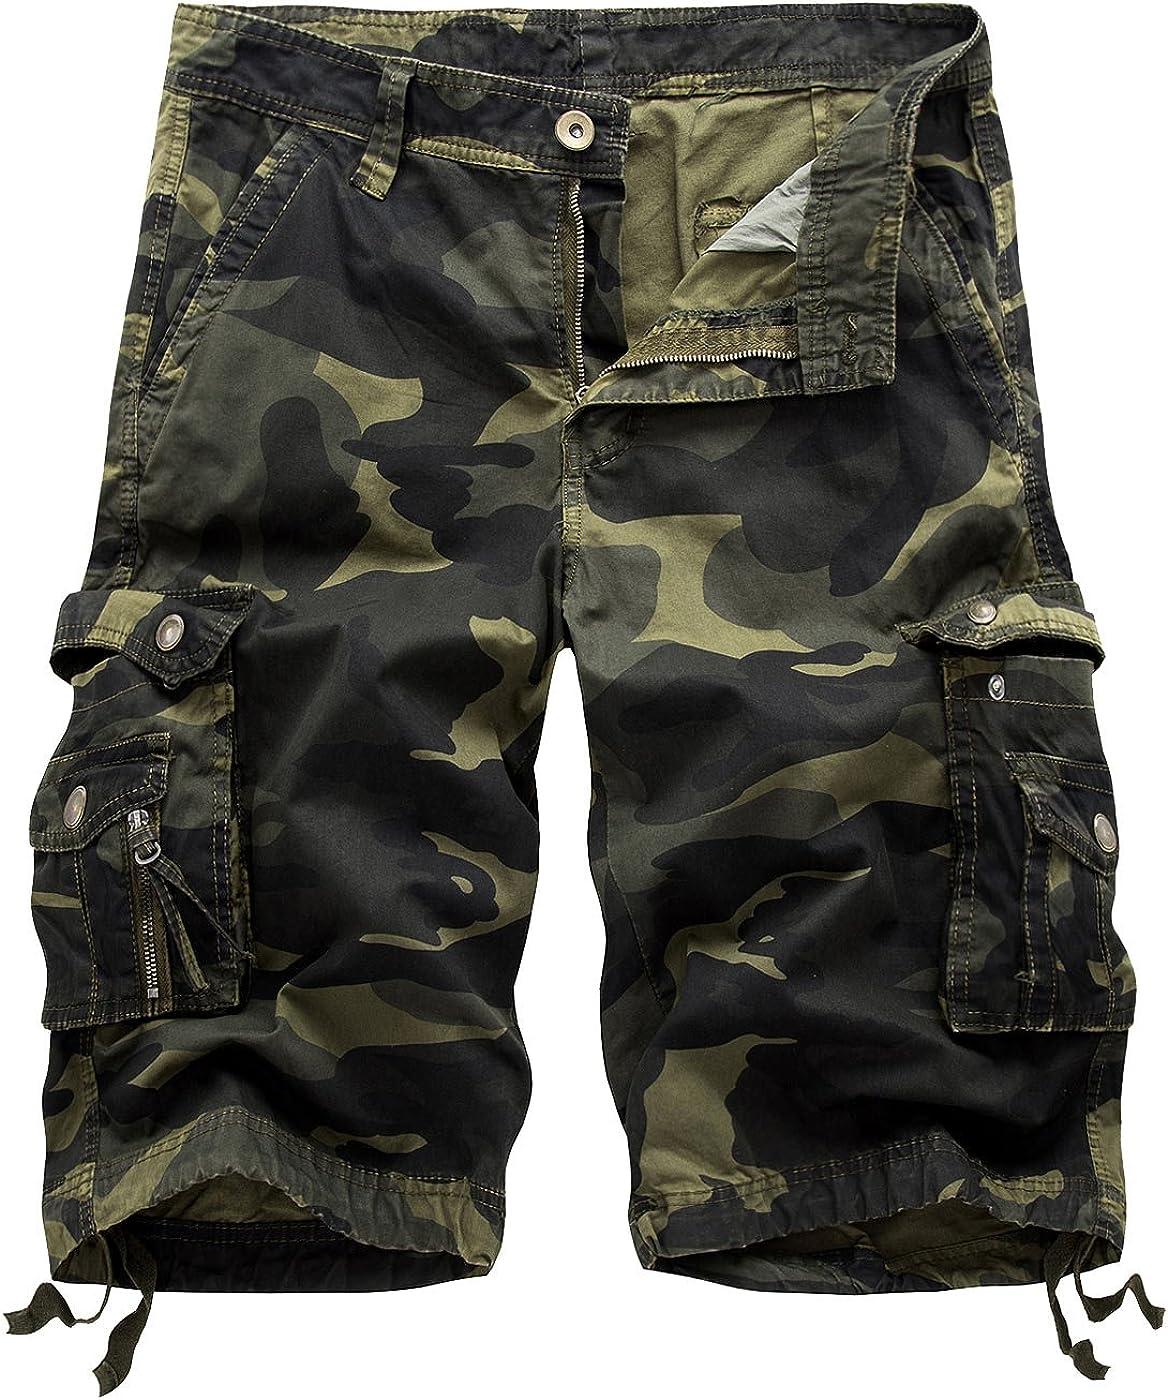 Sllowwa Herren Camouflage Kurze Hose Sommer Cargo Shorts Sport Outdoor Arbeitshosen Freizeithose Sommer Overalls Plus Size Sport Shorts Hosen